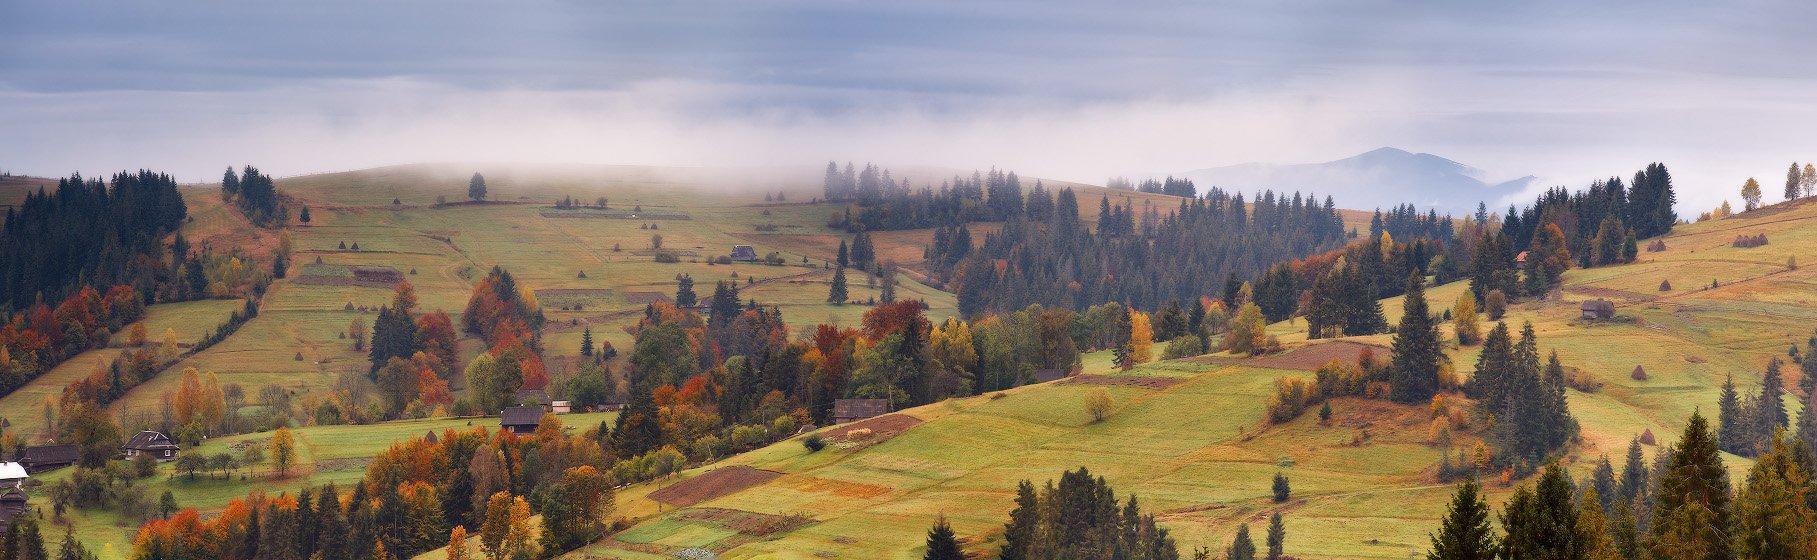 Карпаты, Октябрь, Осень, Украина, Утро, Горы, Вейзе Максим